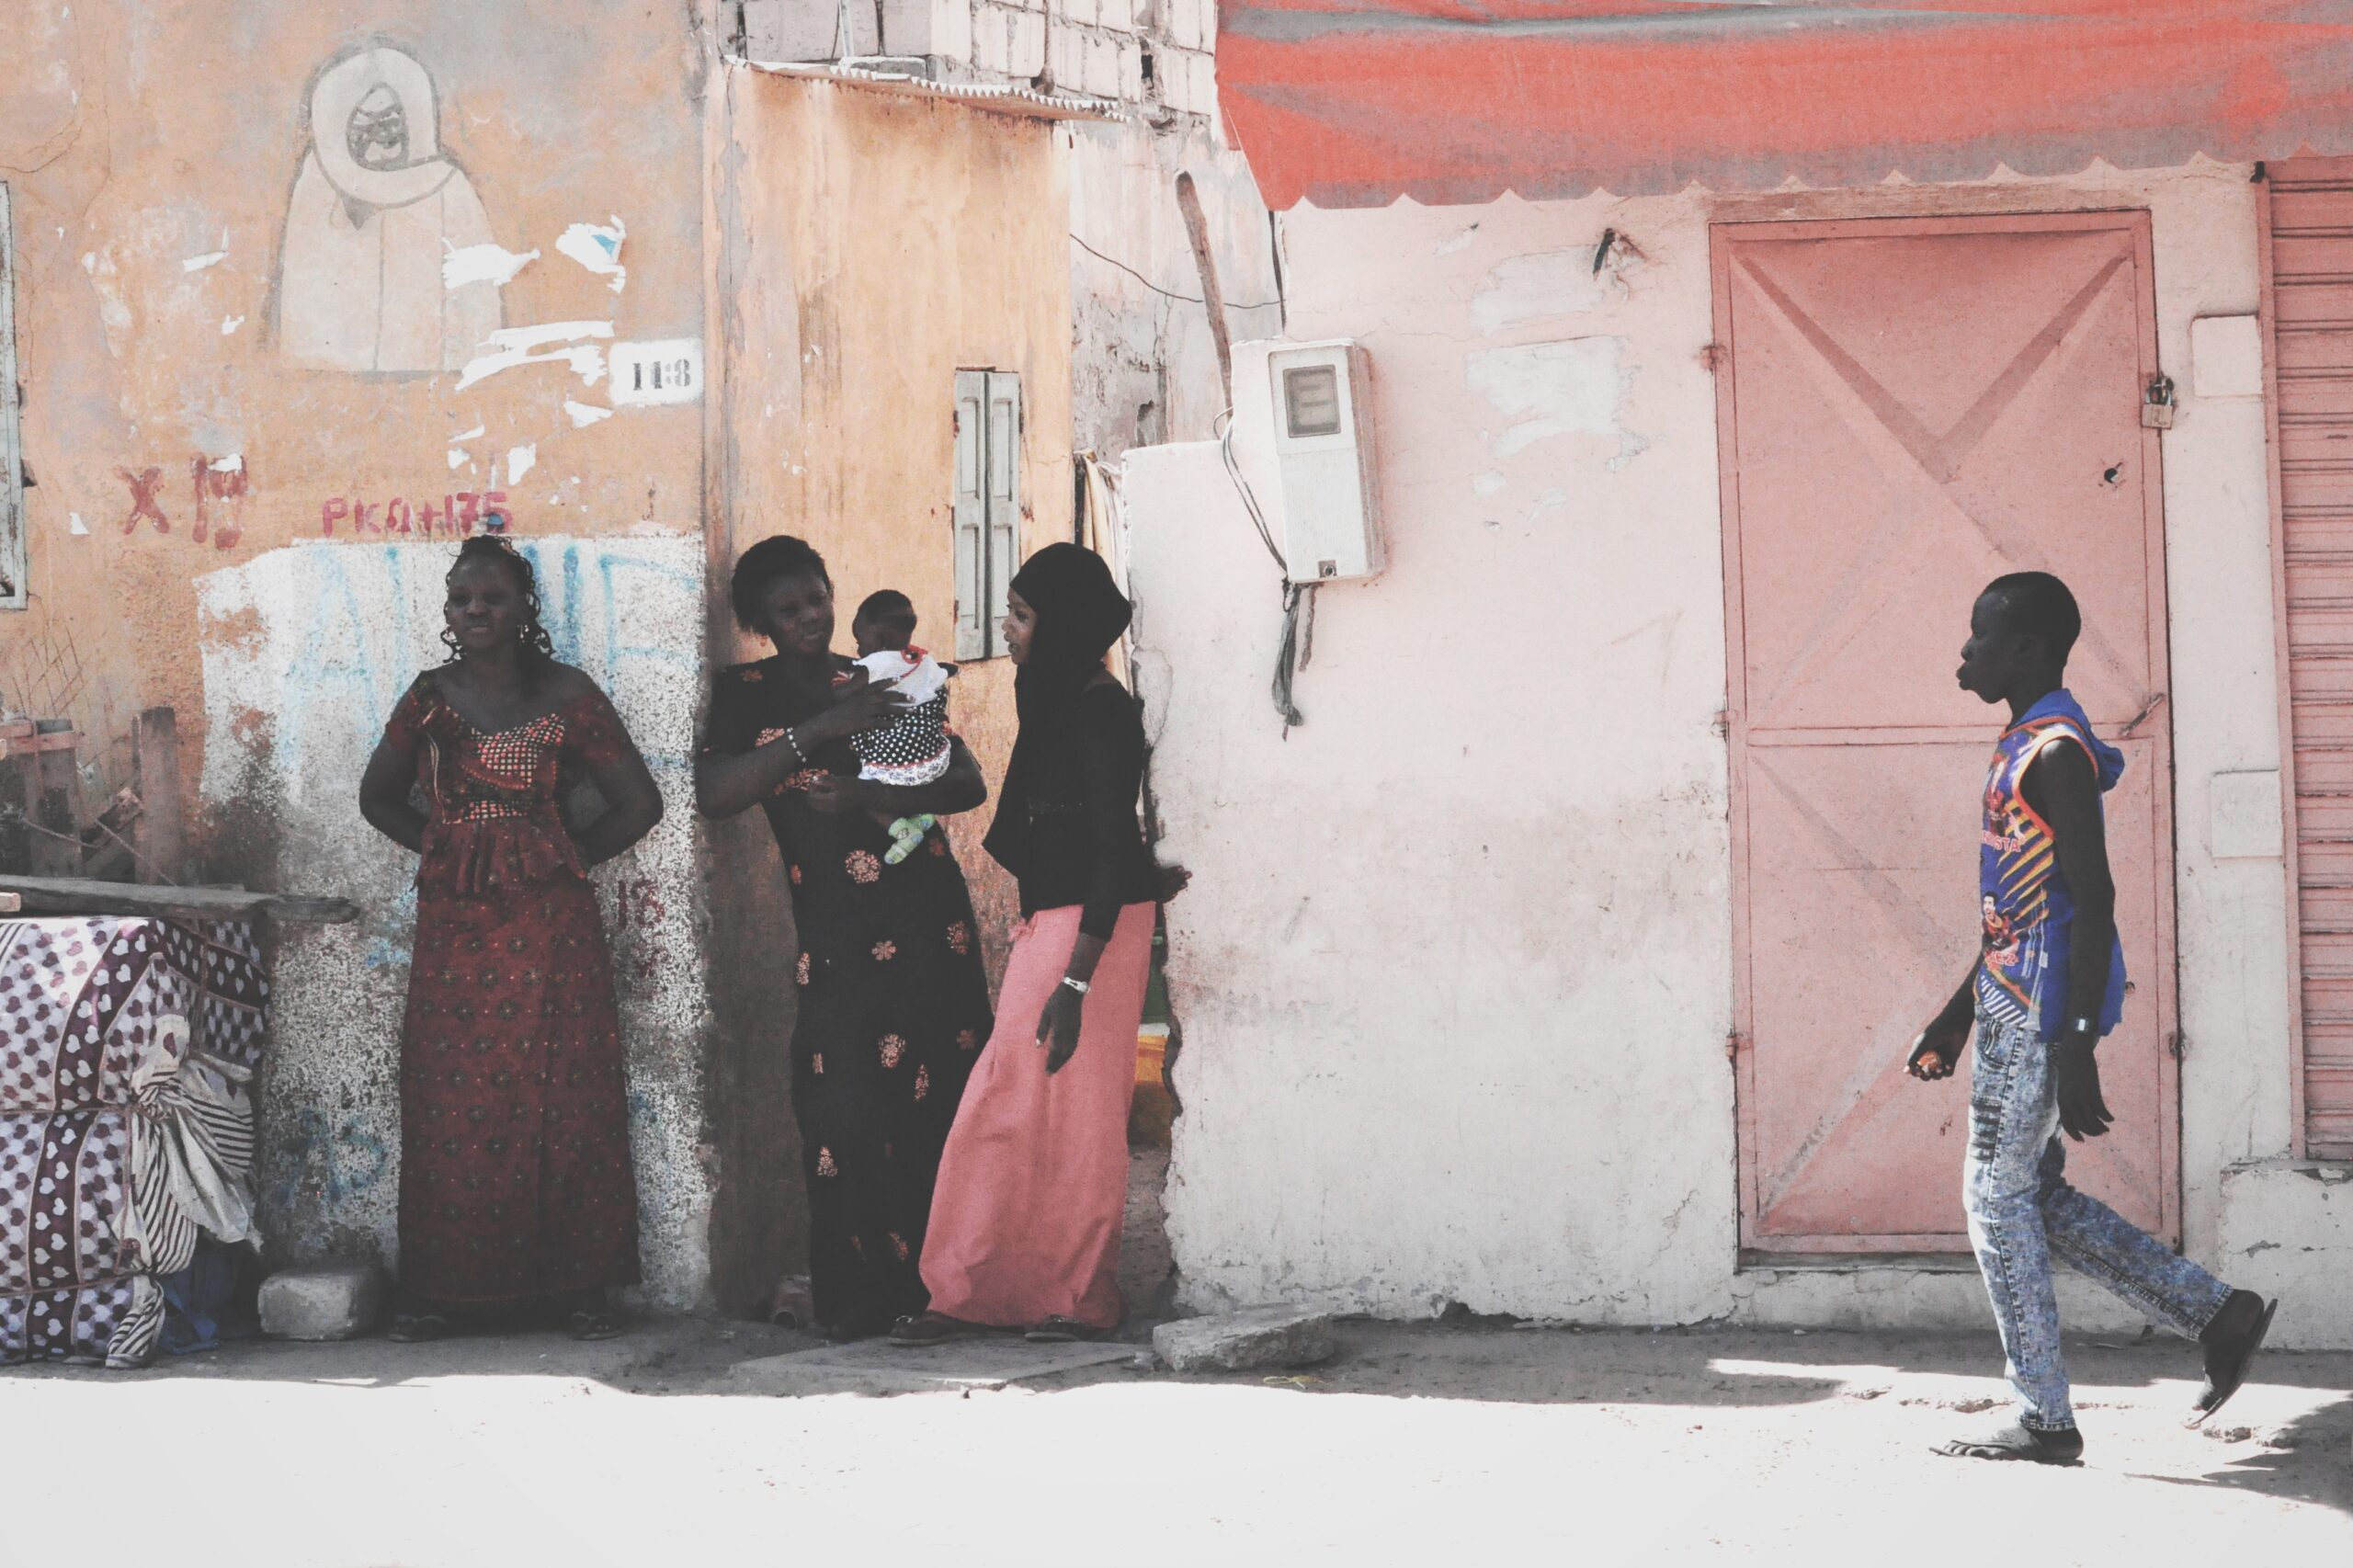 Imagen de la noticia Mejora de la salud materno-infantil de las poblaciones más vulnerables del distrito sanitario de Pikine en Dakar (Senegal)